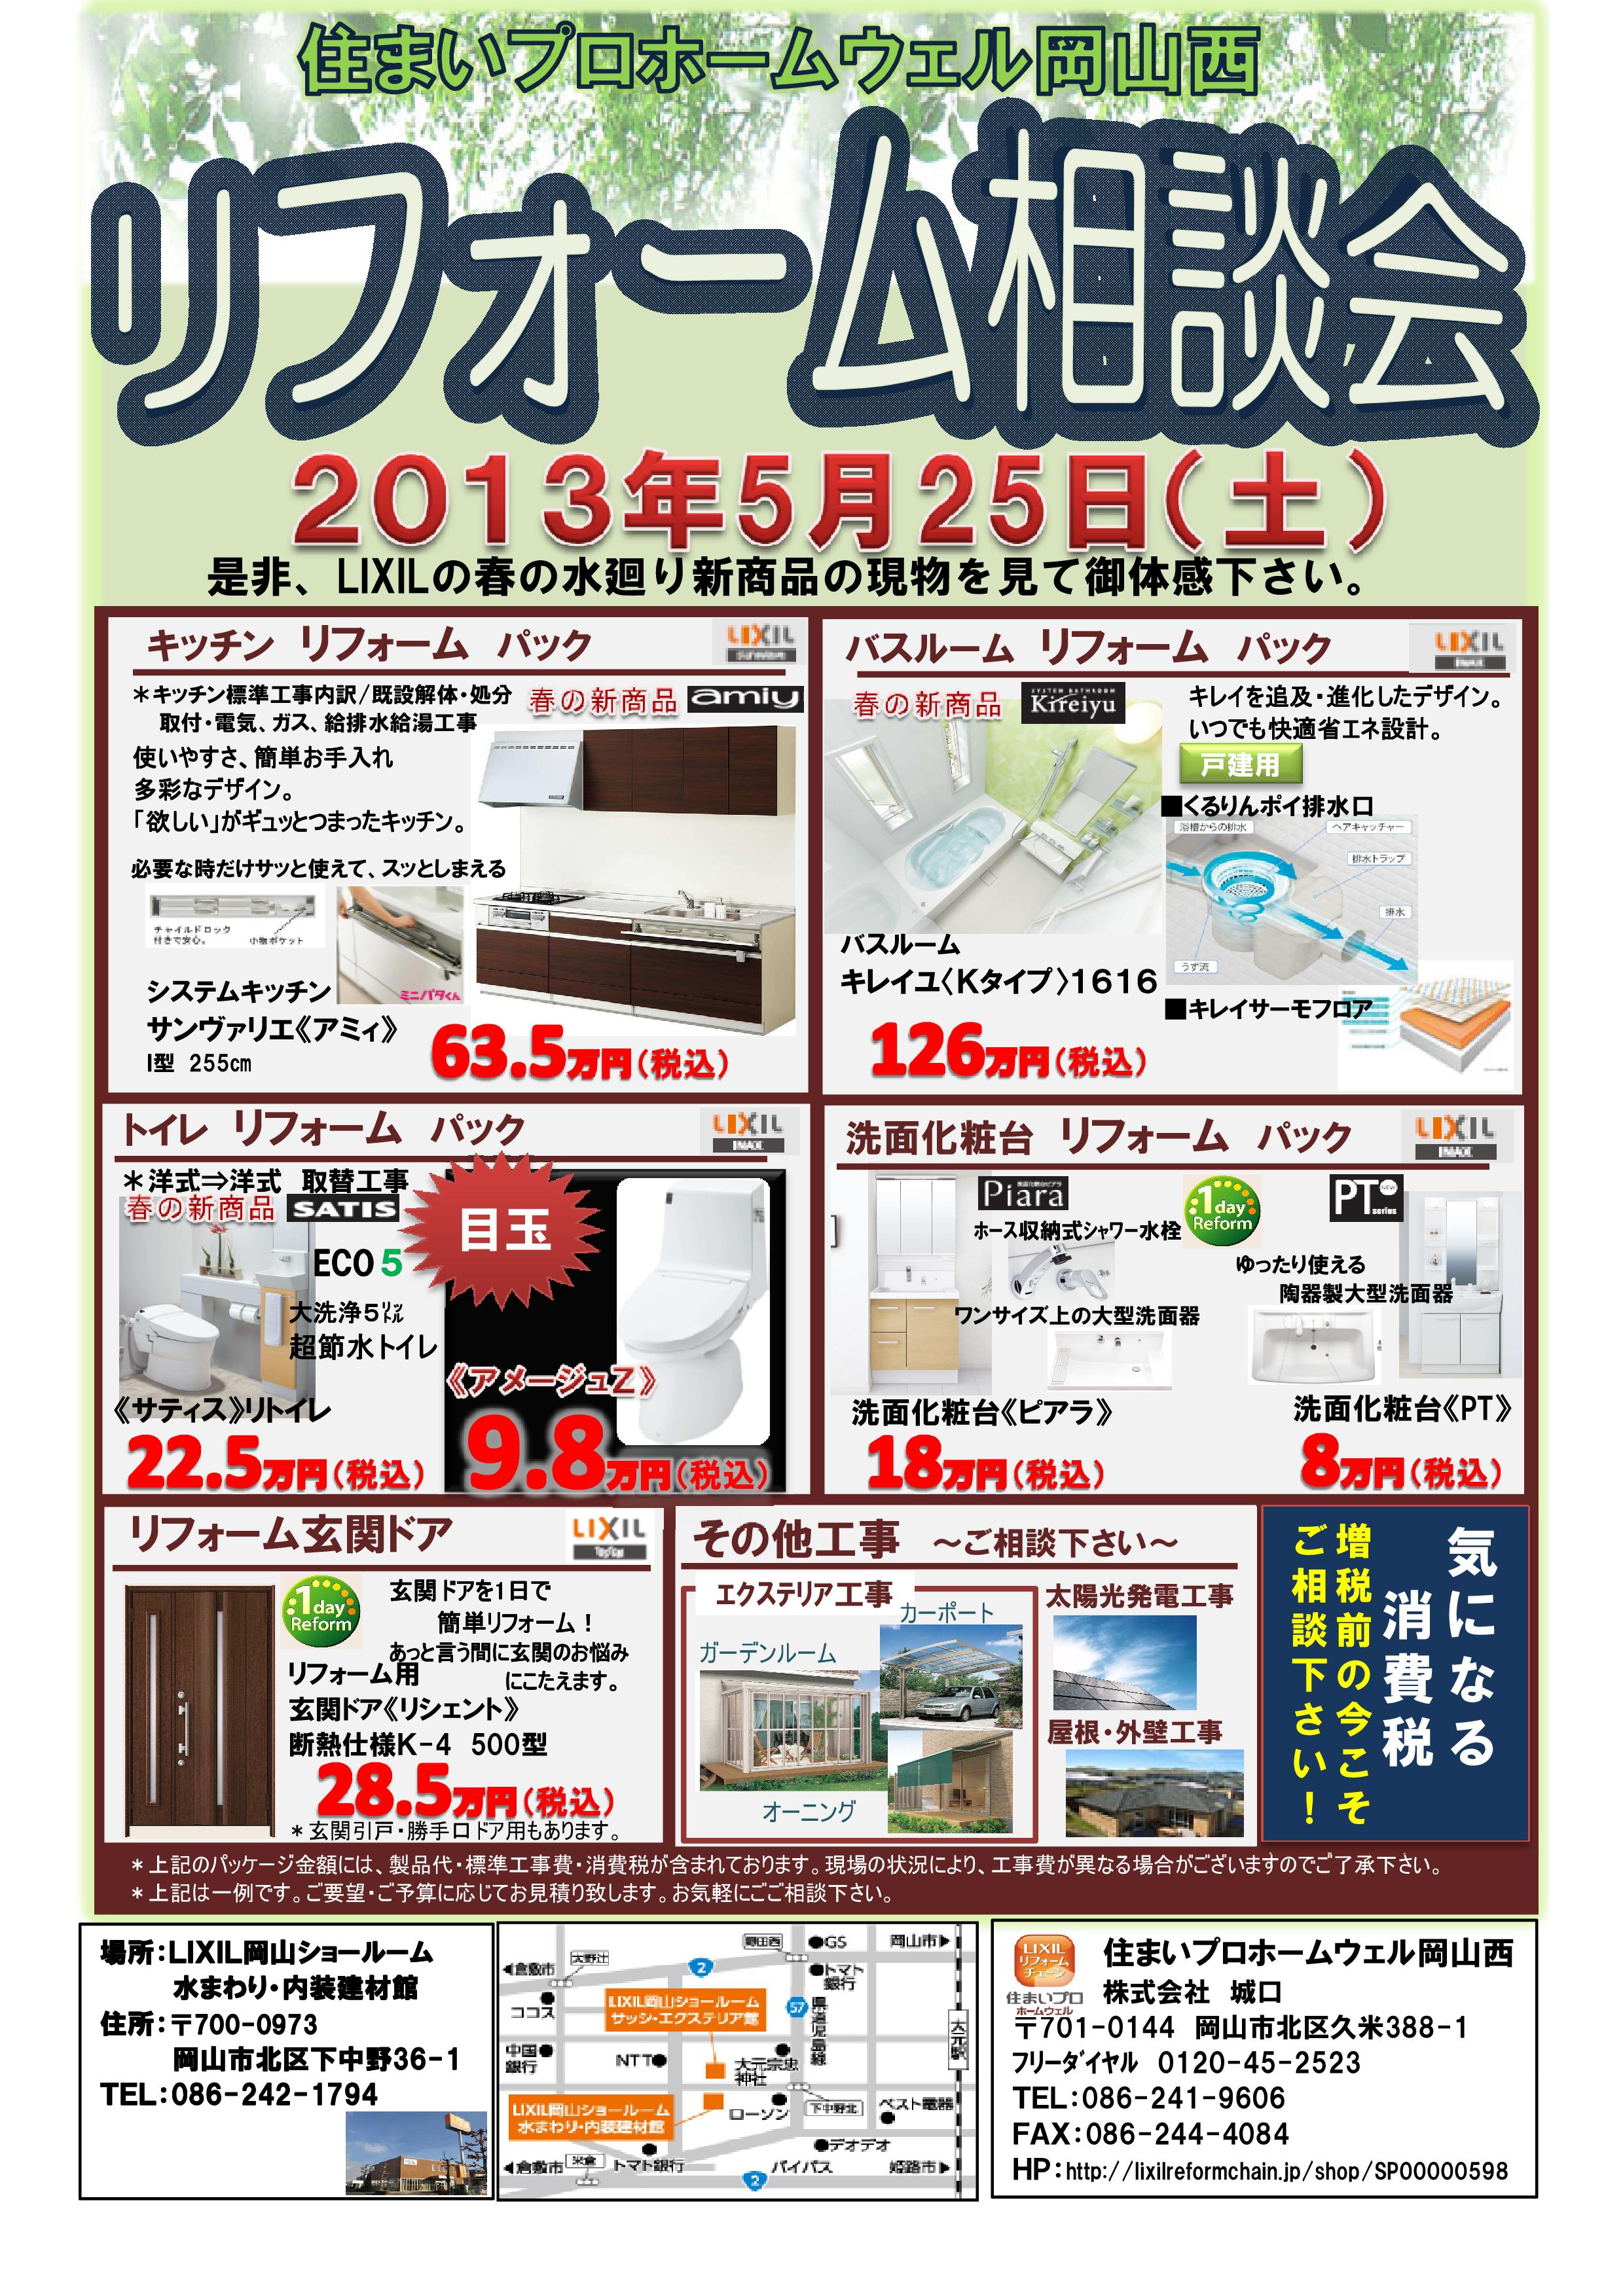 リフォーム相談会チラシ20130525.png